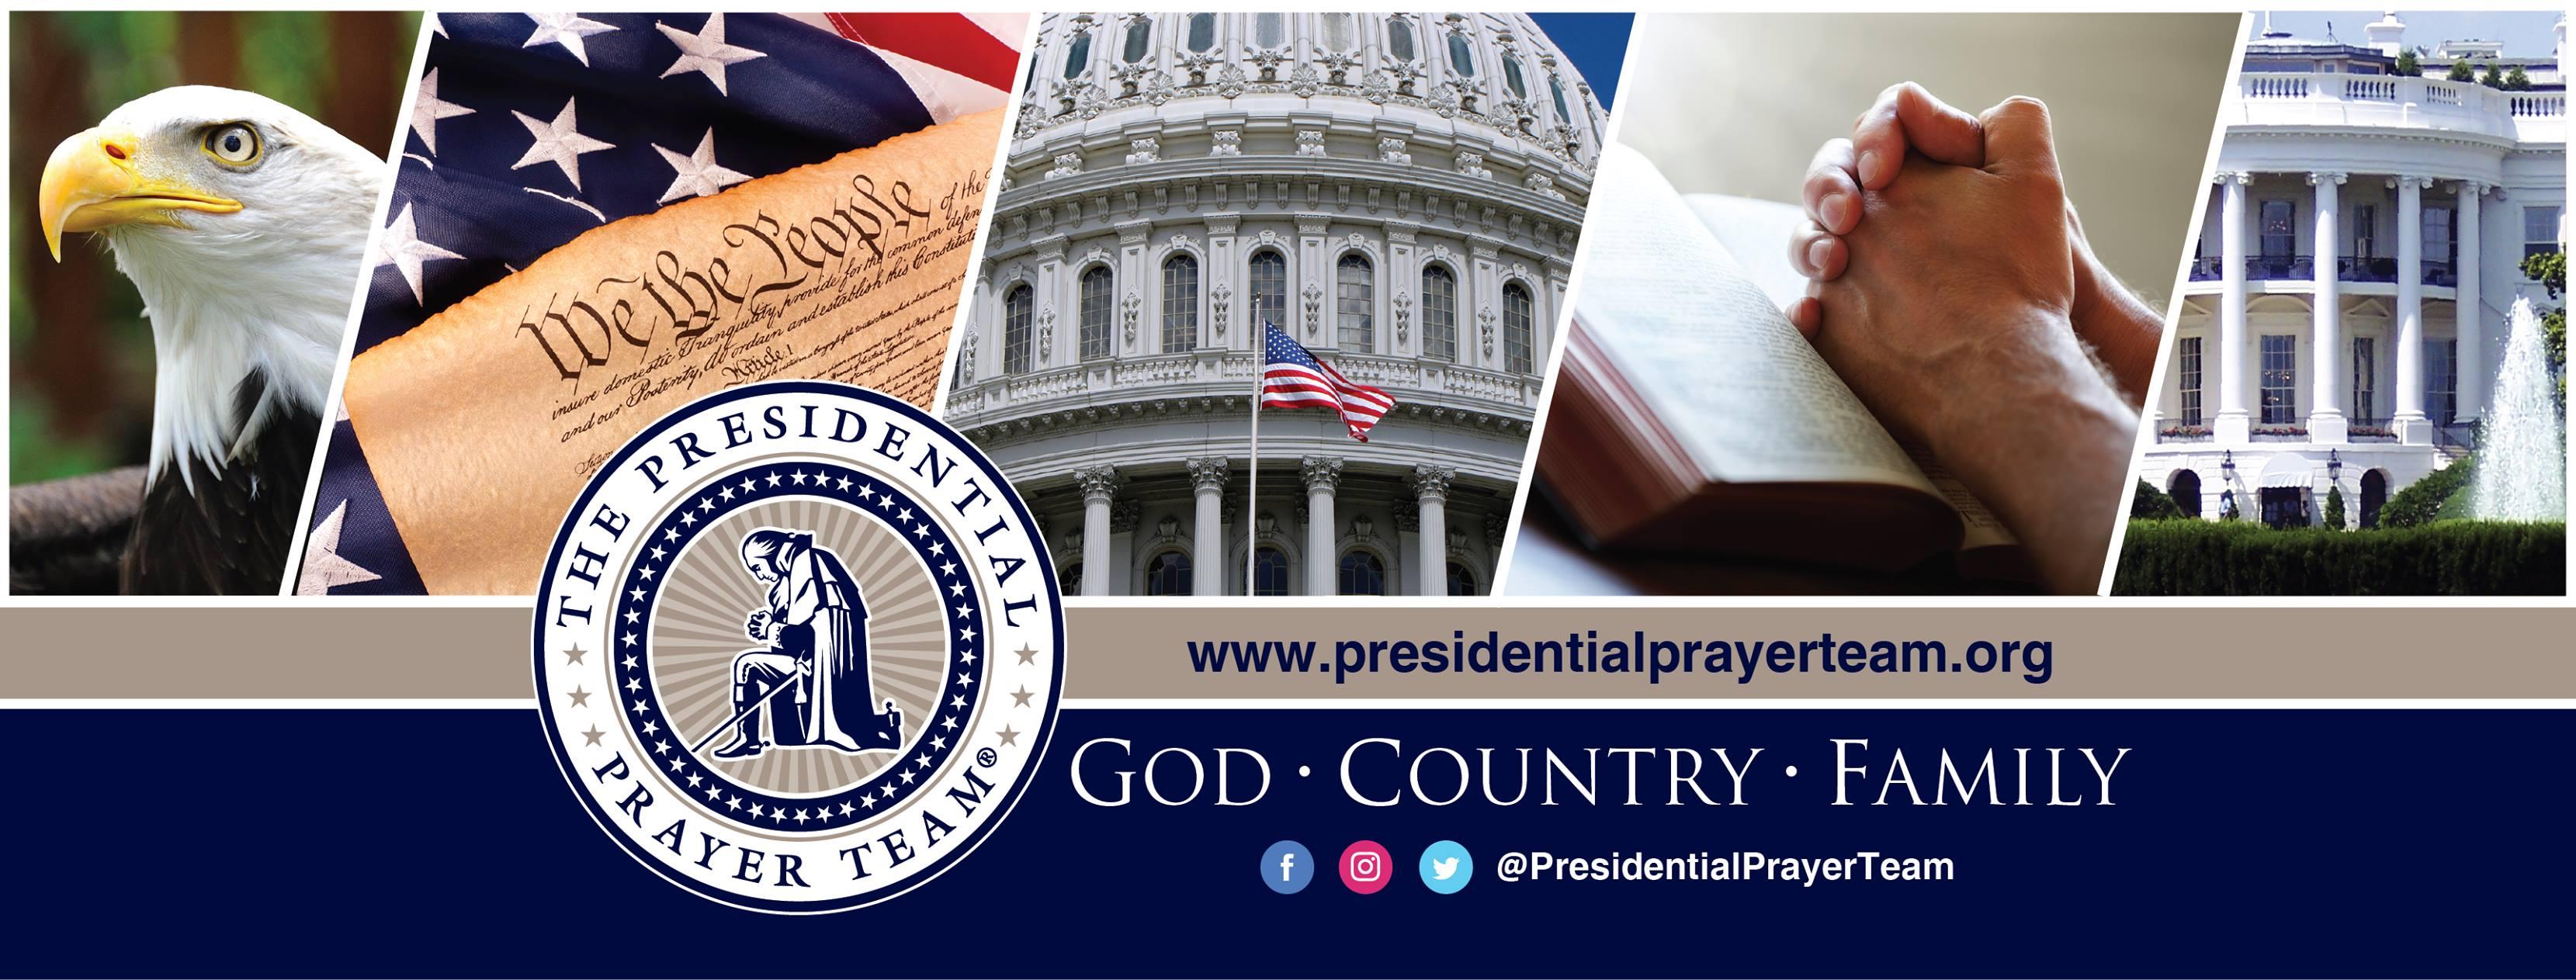 Presidential Prayer Team FB Cover art